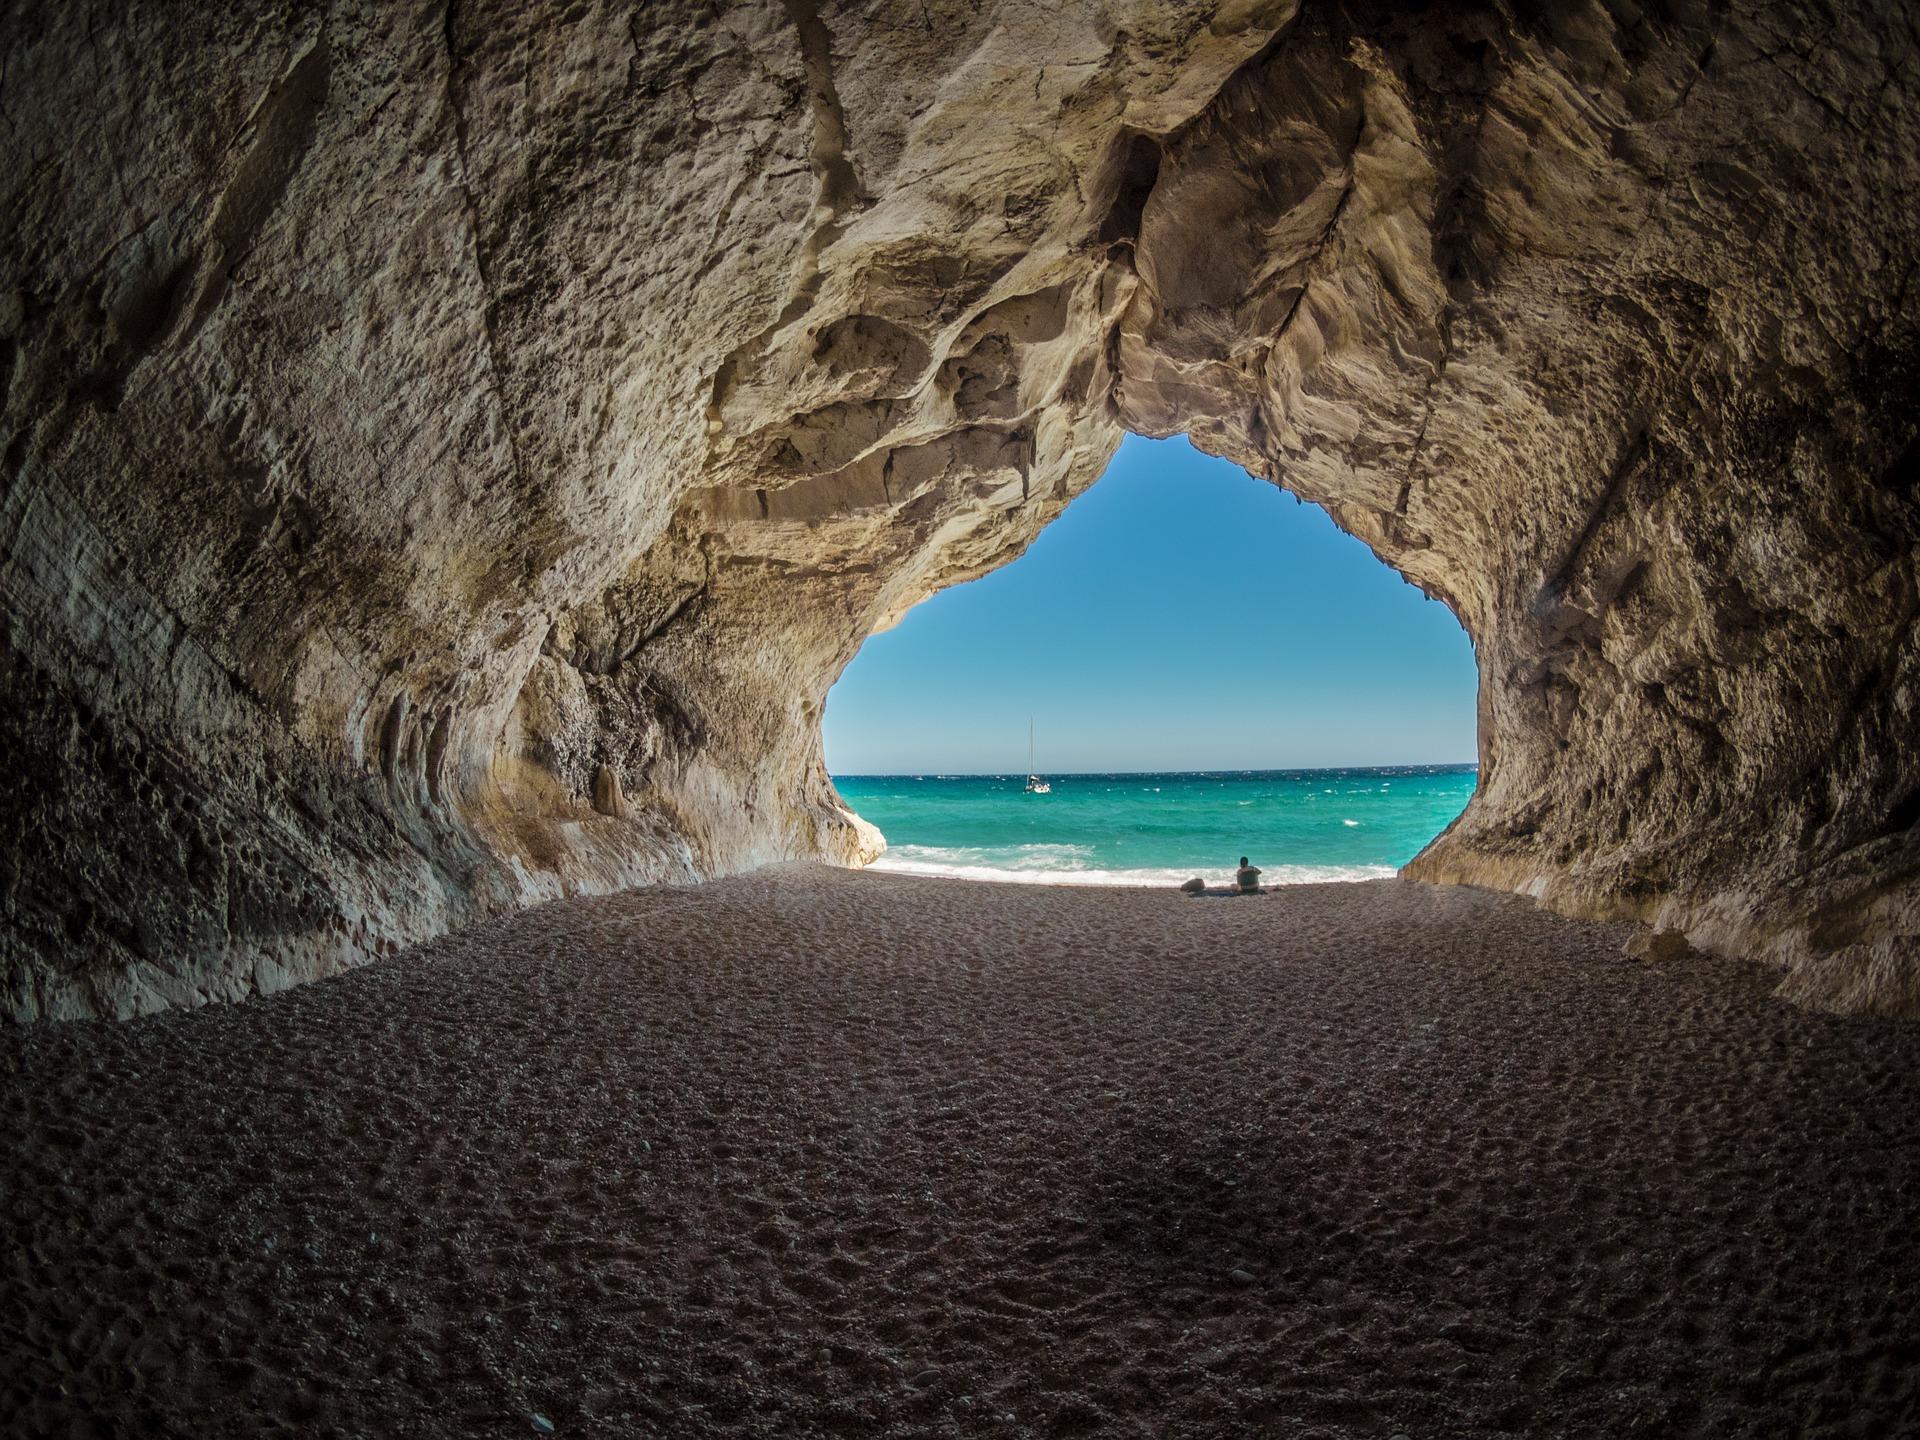 The Island of Sardinia